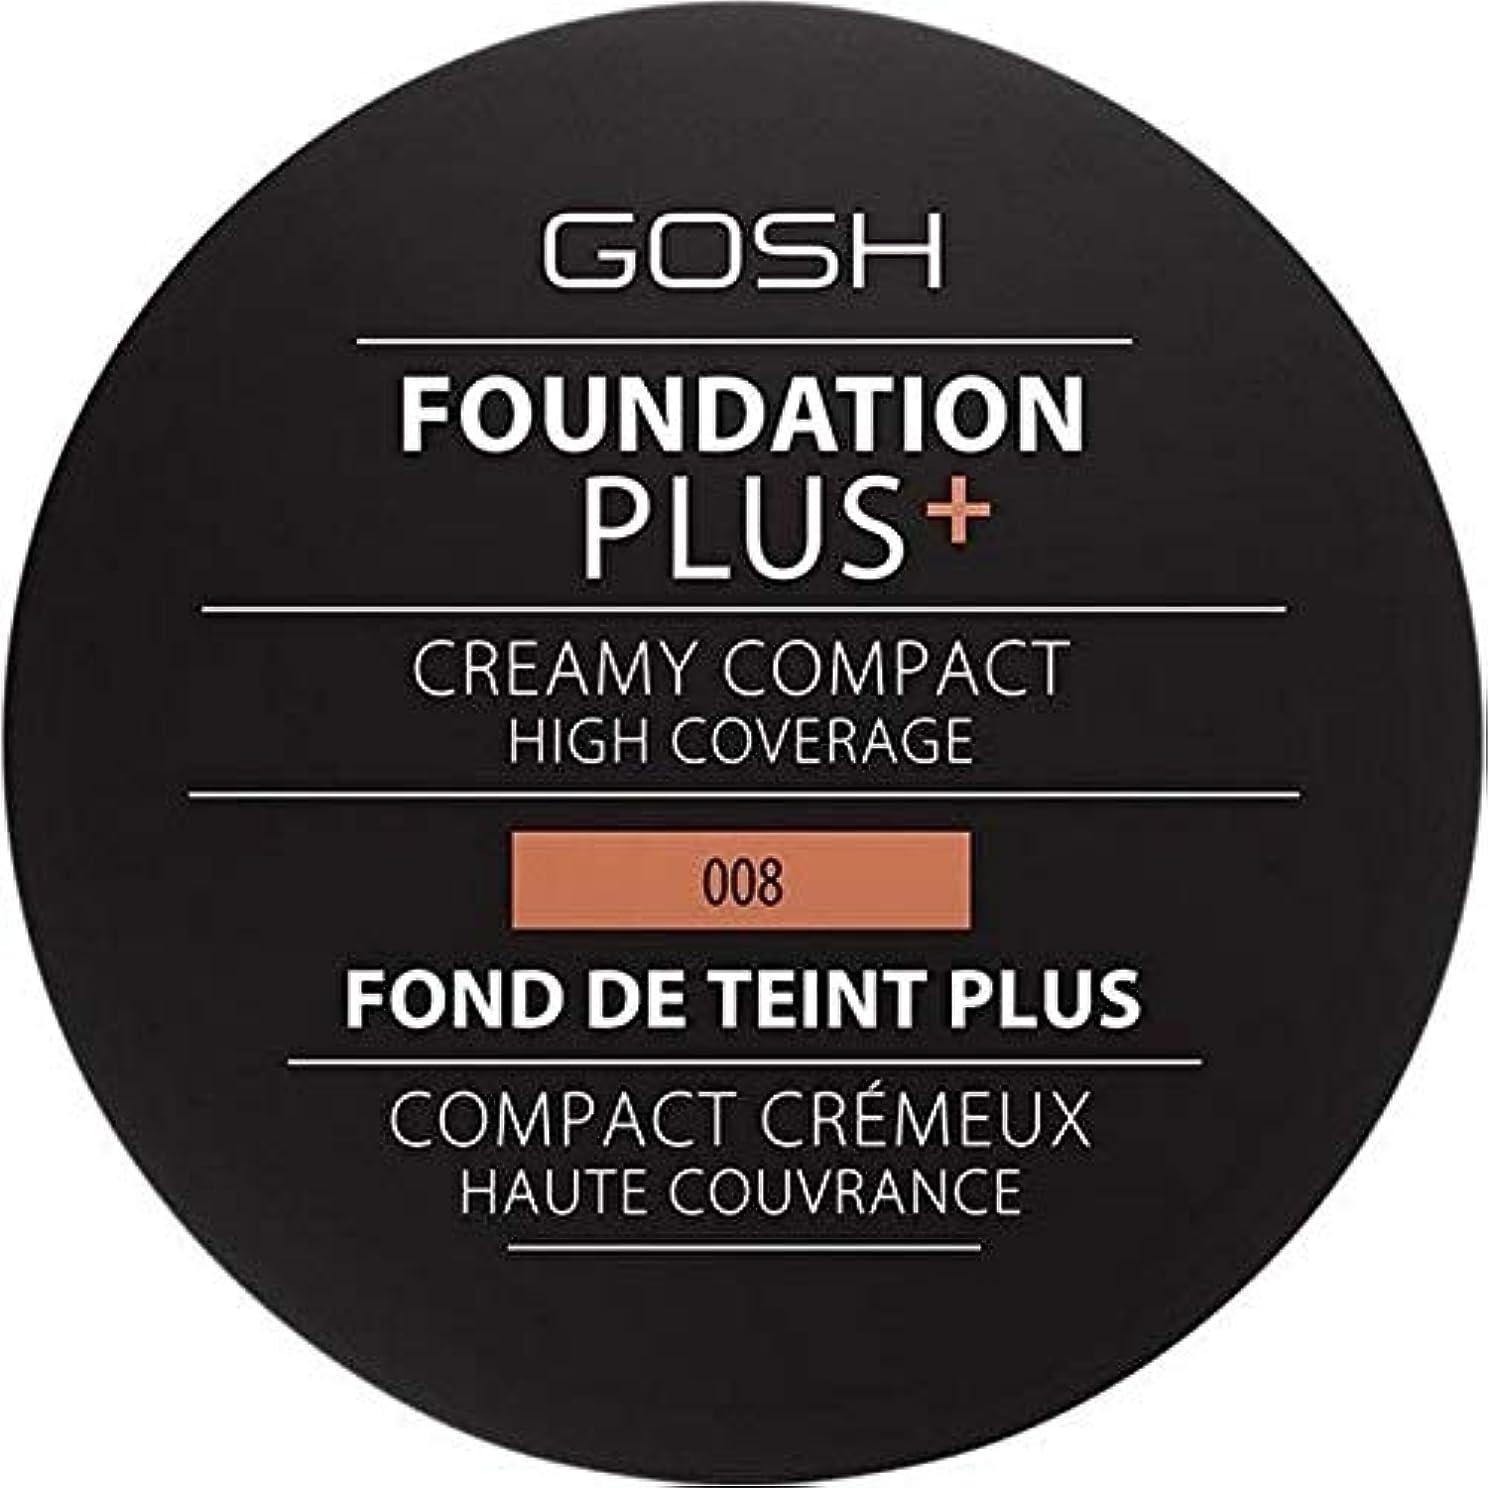 王室アノイハンマー[GOSH ] おやっ基盤プラス008 +クリーミーコンパクト黄金 - Gosh Foundation Plus+ Creamy Compact Golden 008 [並行輸入品]